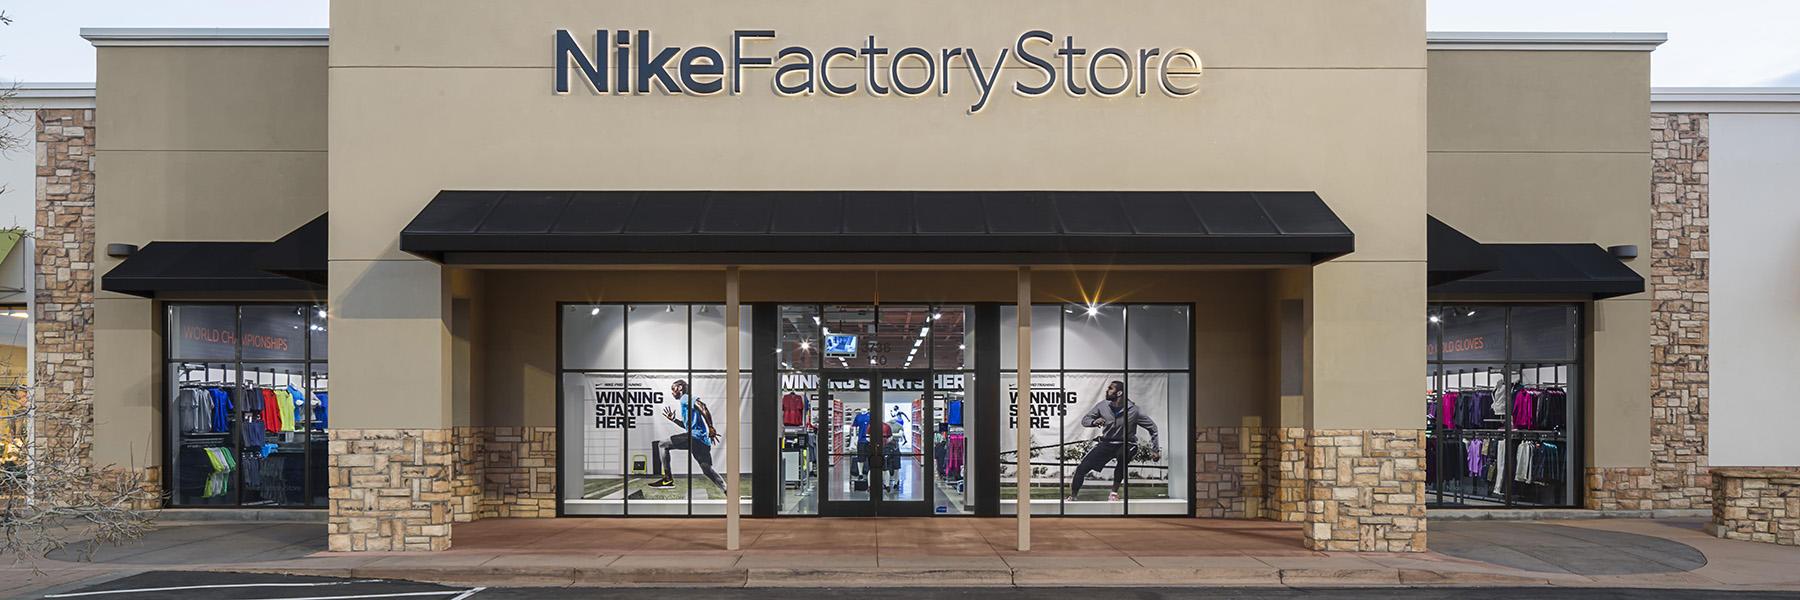 82b3d0bacb361 Nike Factory Store - West Jordan. West Jordan